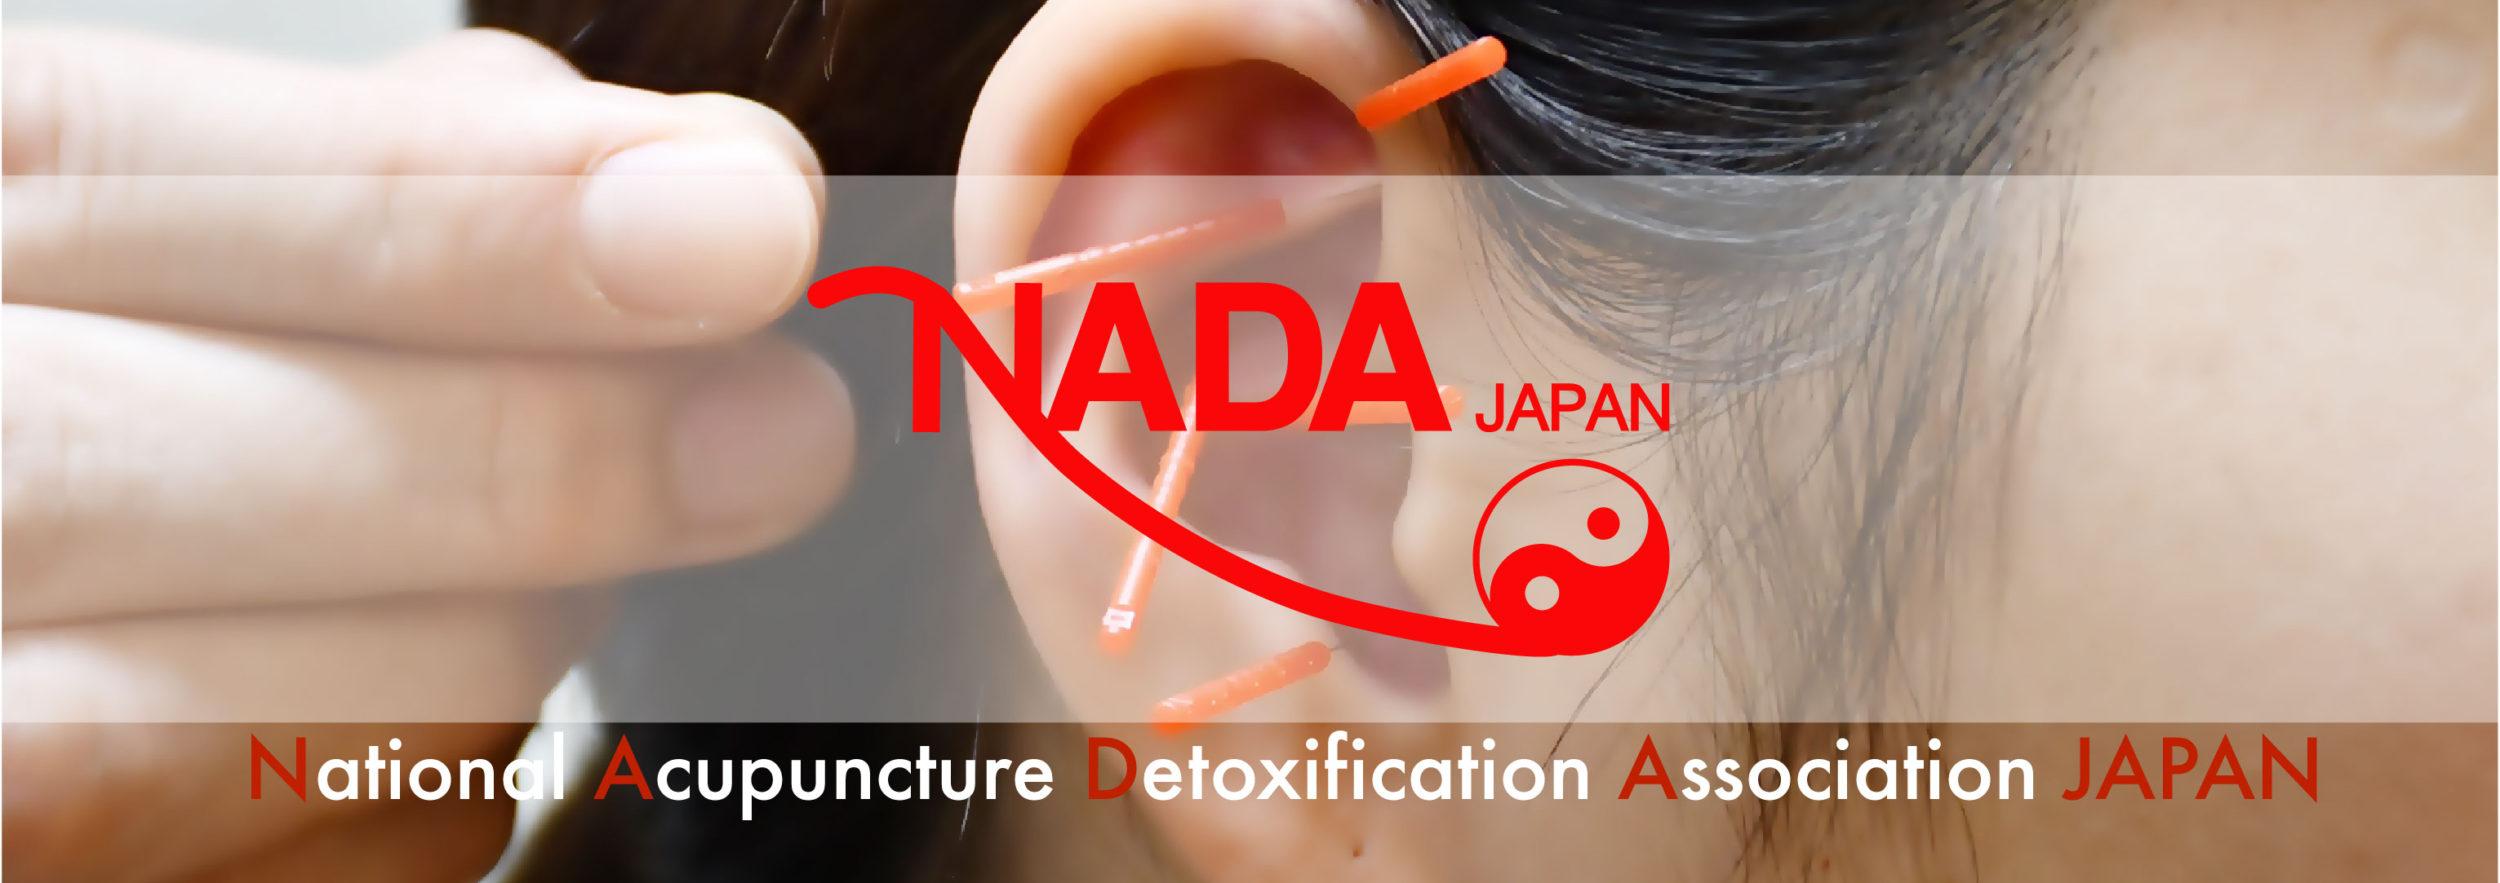 一般社団法人NADA JAPAN